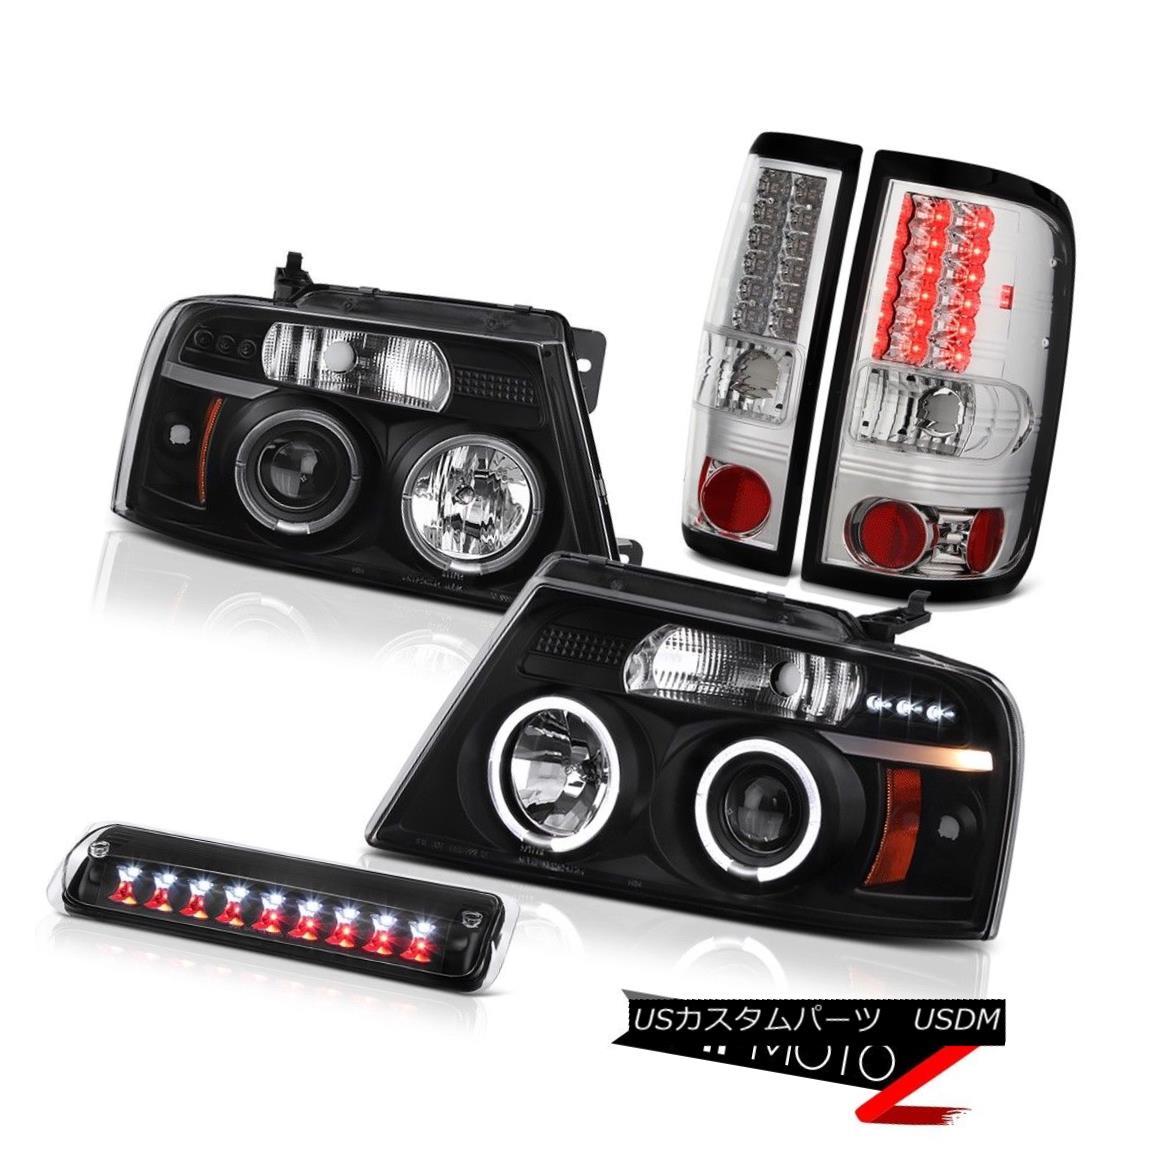 テールライト 2004-2008 Ford F150 XL Roof Cab Light Headlamps Parking Brake Lights Halo Rim 2004-2008フォードF150 XLルーフキャブライトヘッドランプパーキングブレーキライトHalo Rim